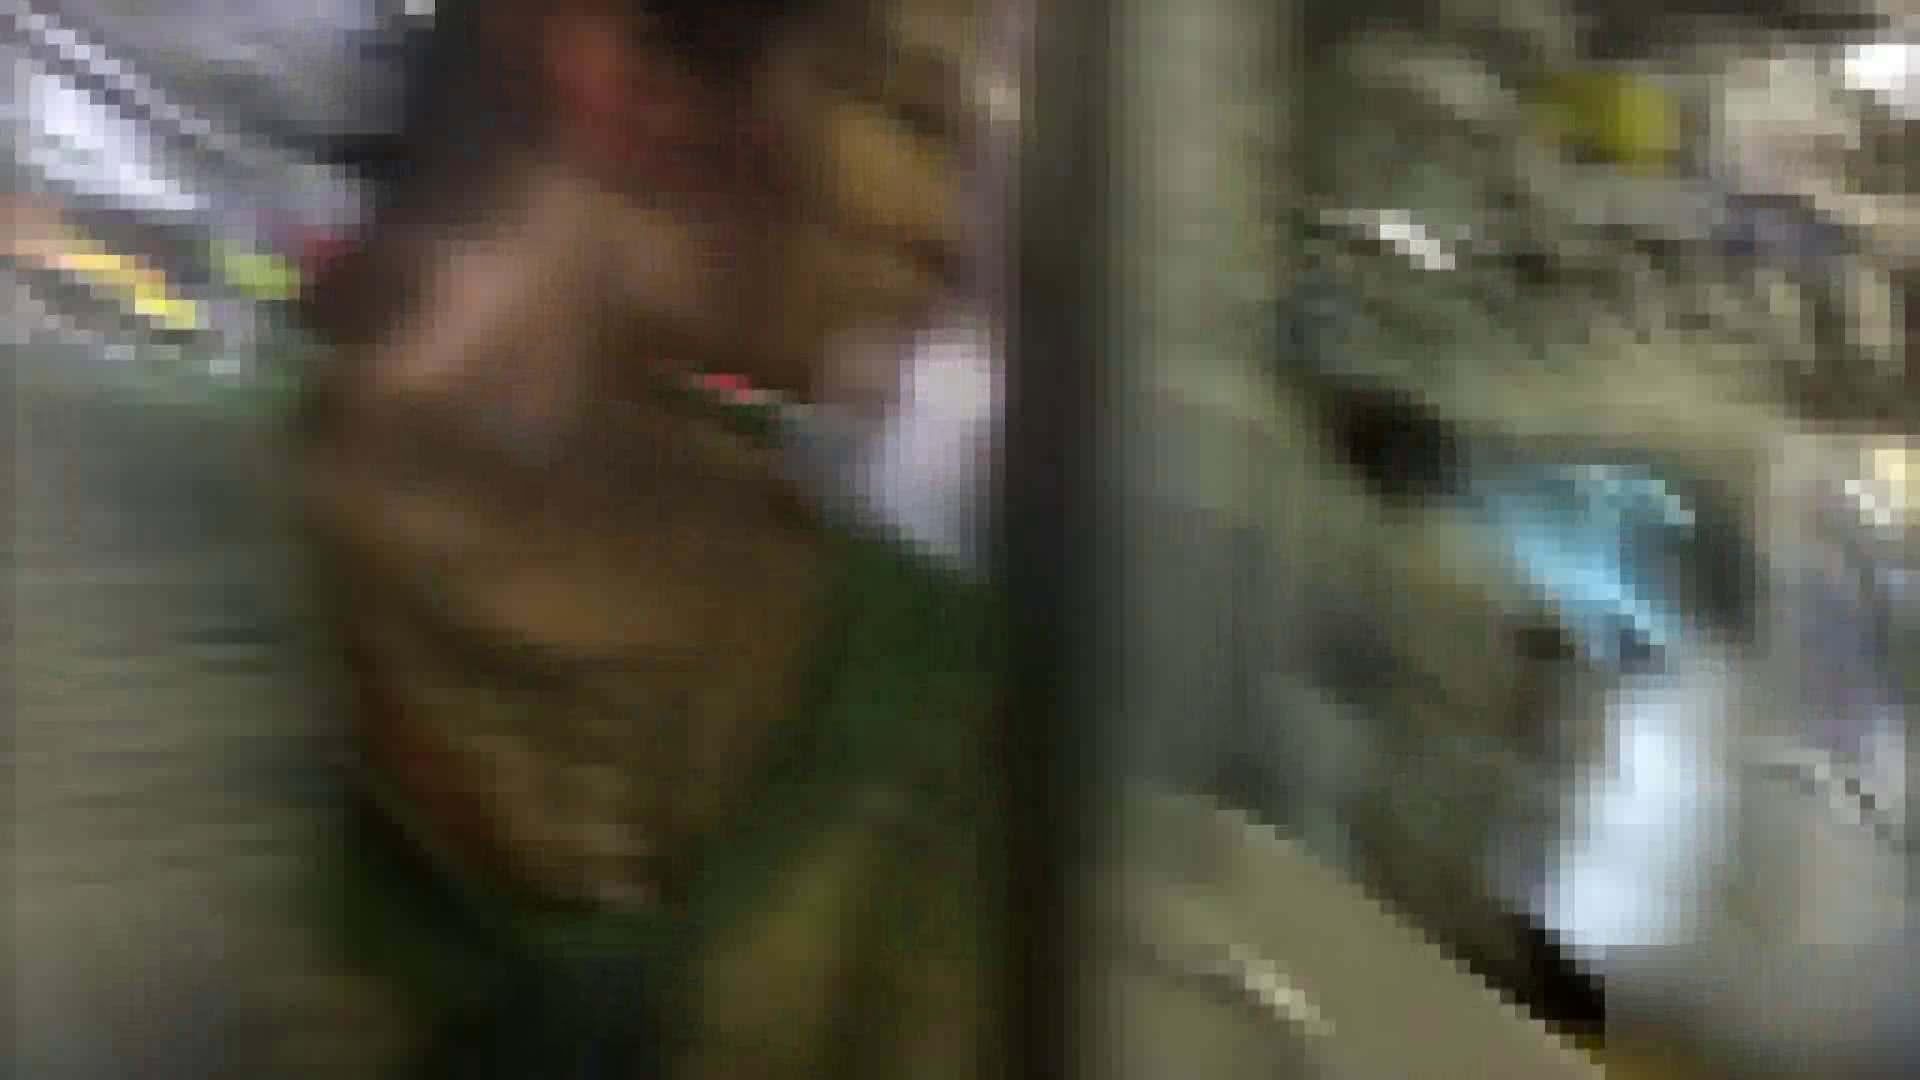 ガールズパンチラストリートビューVol.023 ギャルの実態 | OLの実態  25pic 21